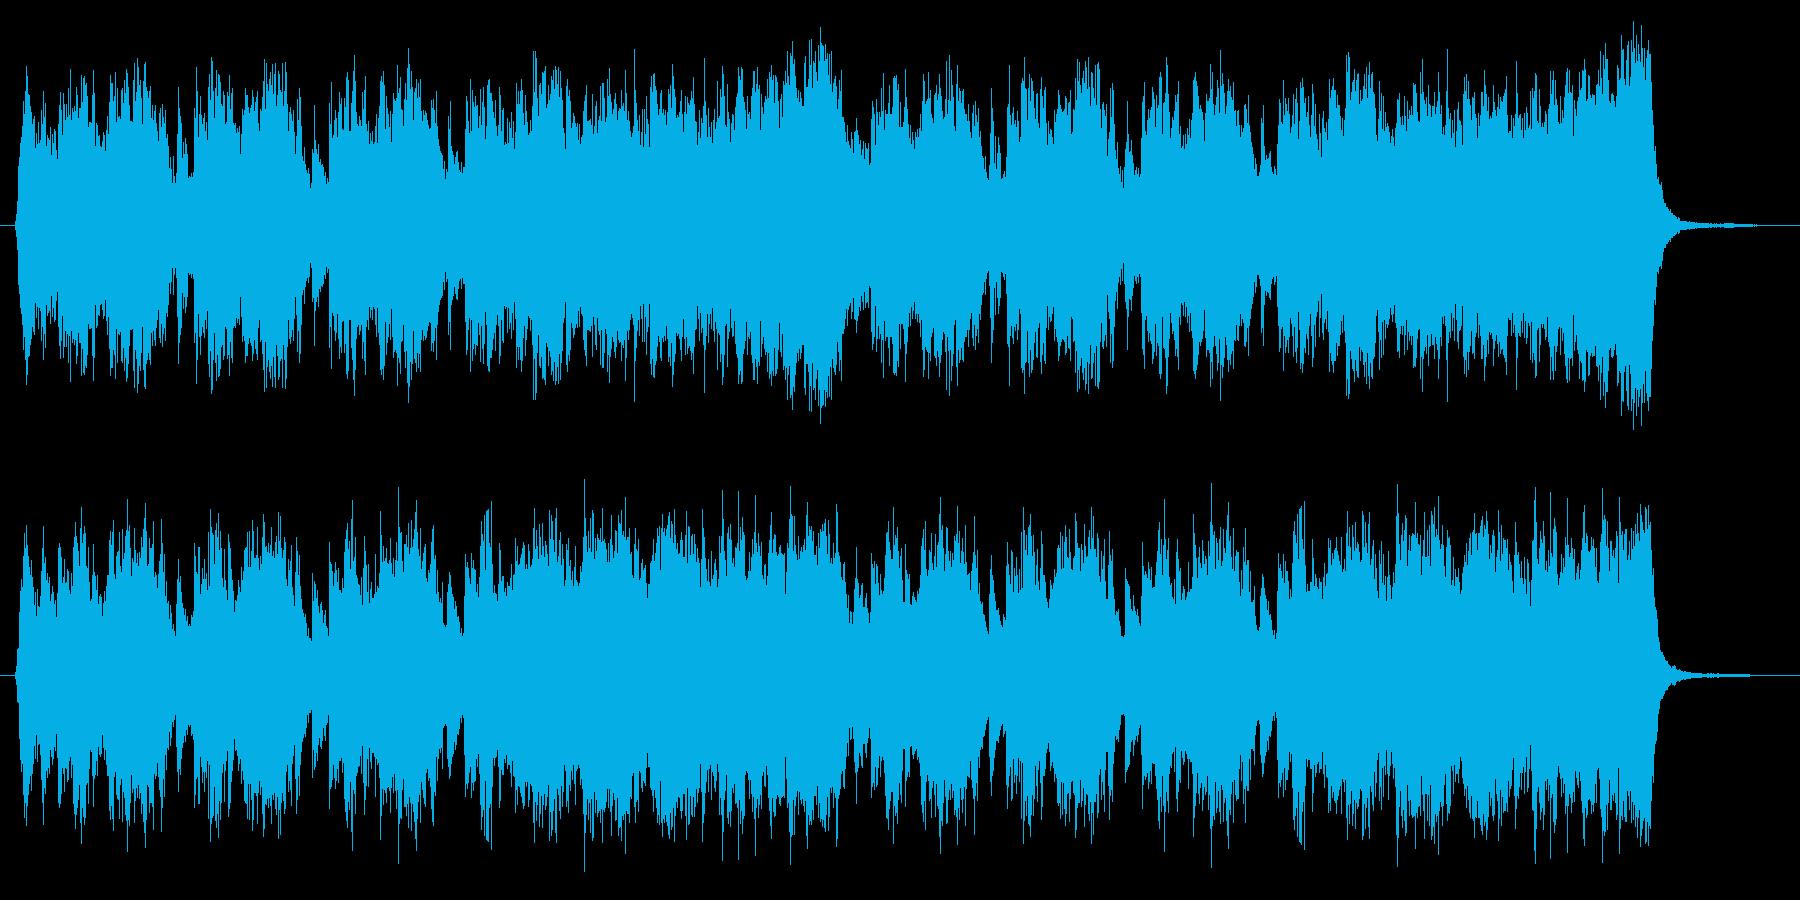 不穏なイメージのオーケストラ 編集版の再生済みの波形